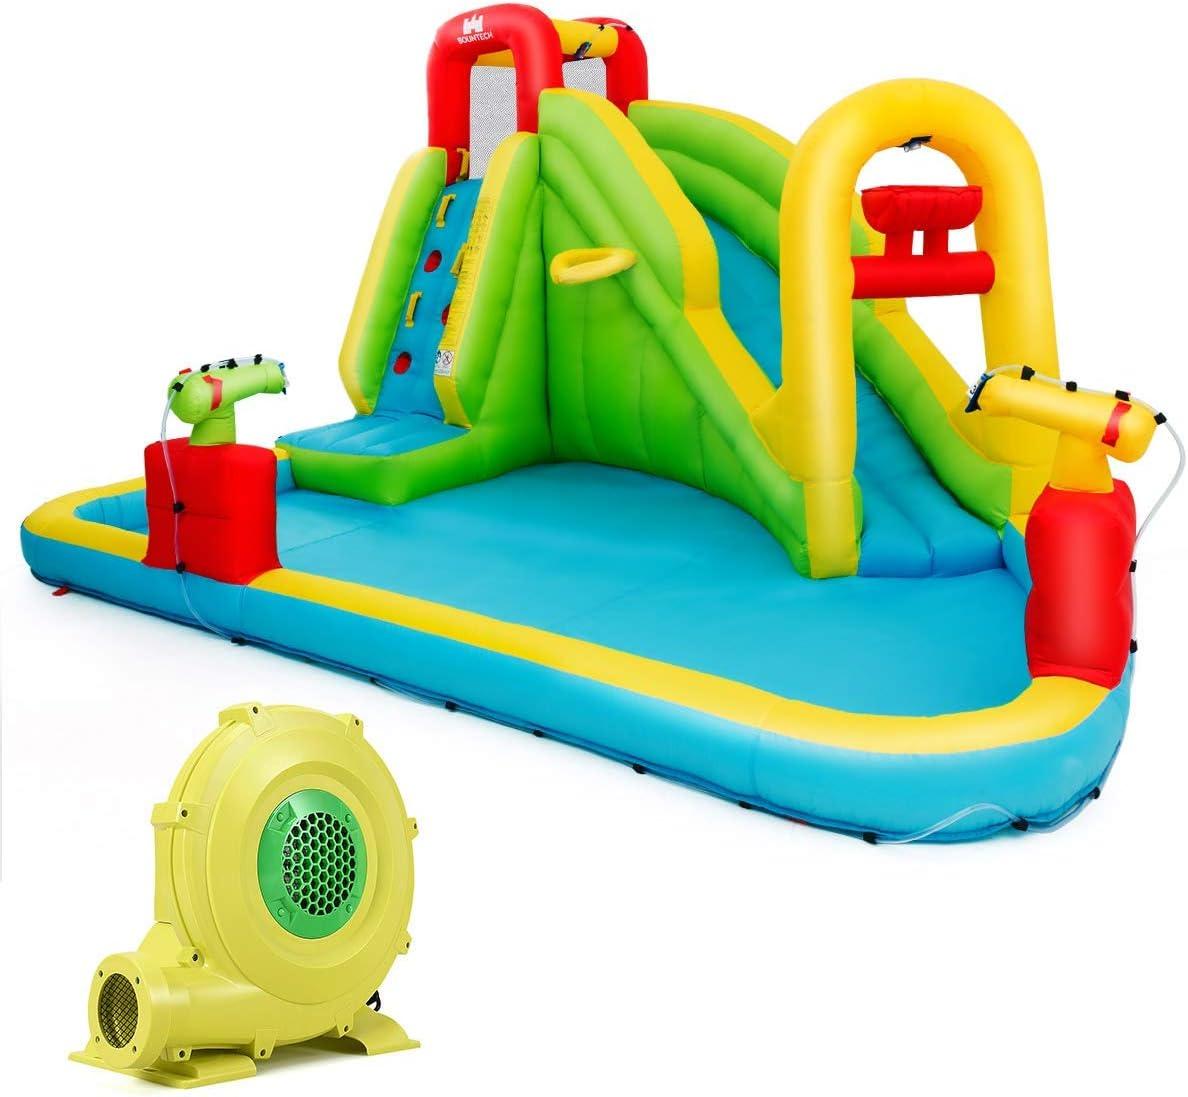 COSTWAY Parque Acuático Centro Juegos Hinchable con Tobogán 400x335x230cm Piscina para Niños con Soplador